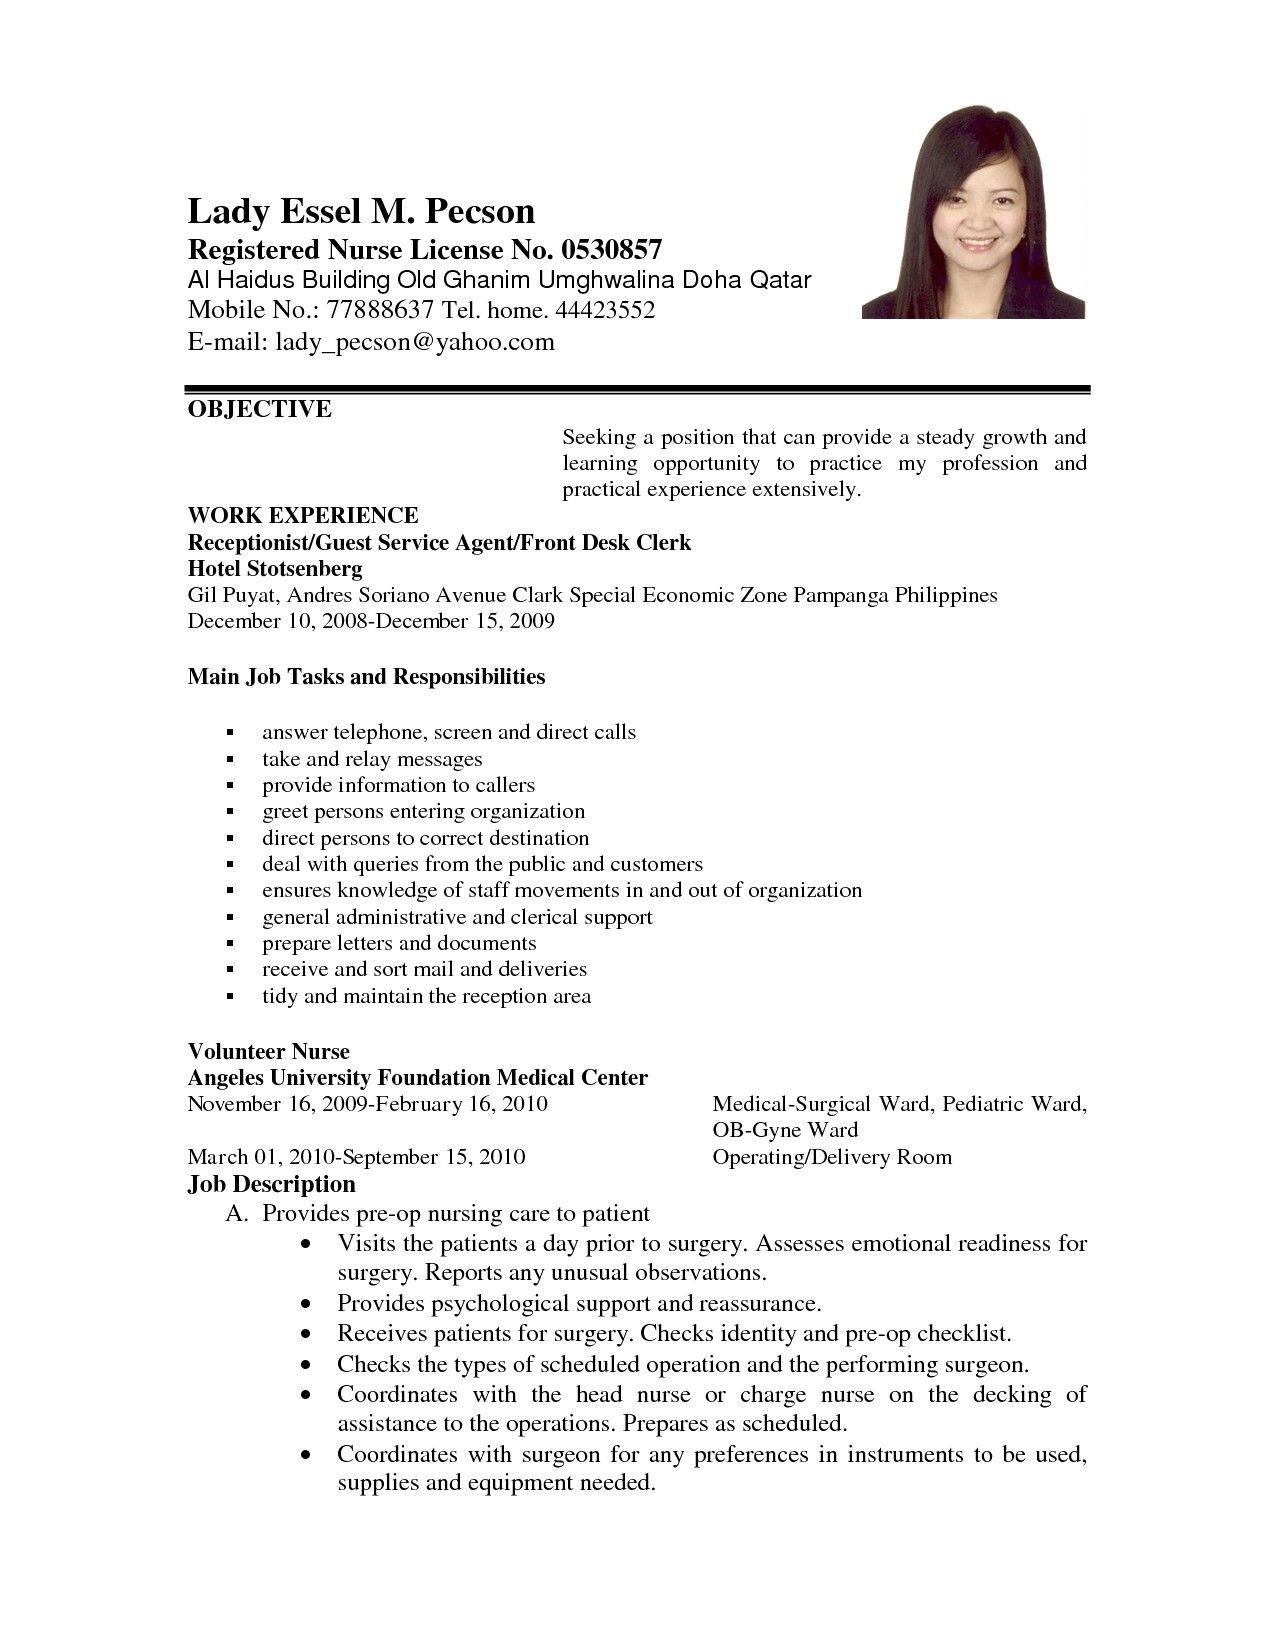 Resume Career Objective Samples for Freshers Career Objective Resume Examples Awesome Example Applying for Job ...